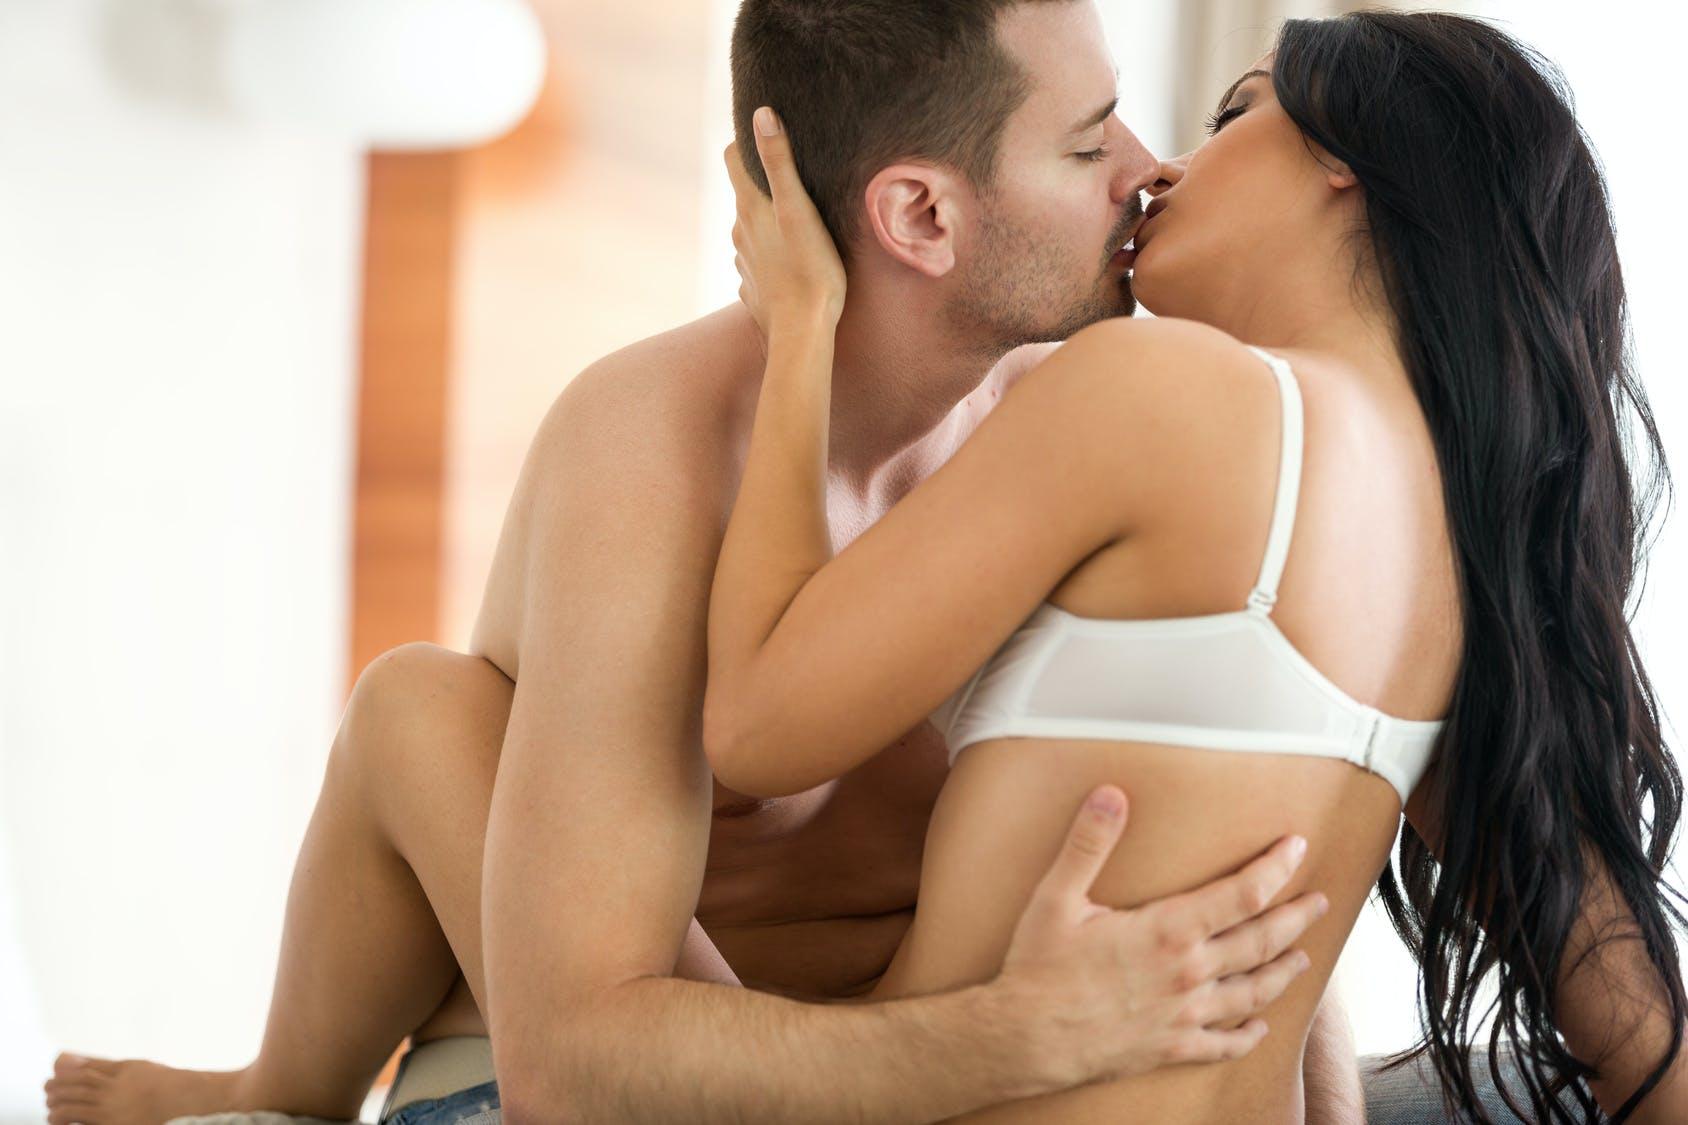 Смотреть фото секса мужчин аниме история любовь игра